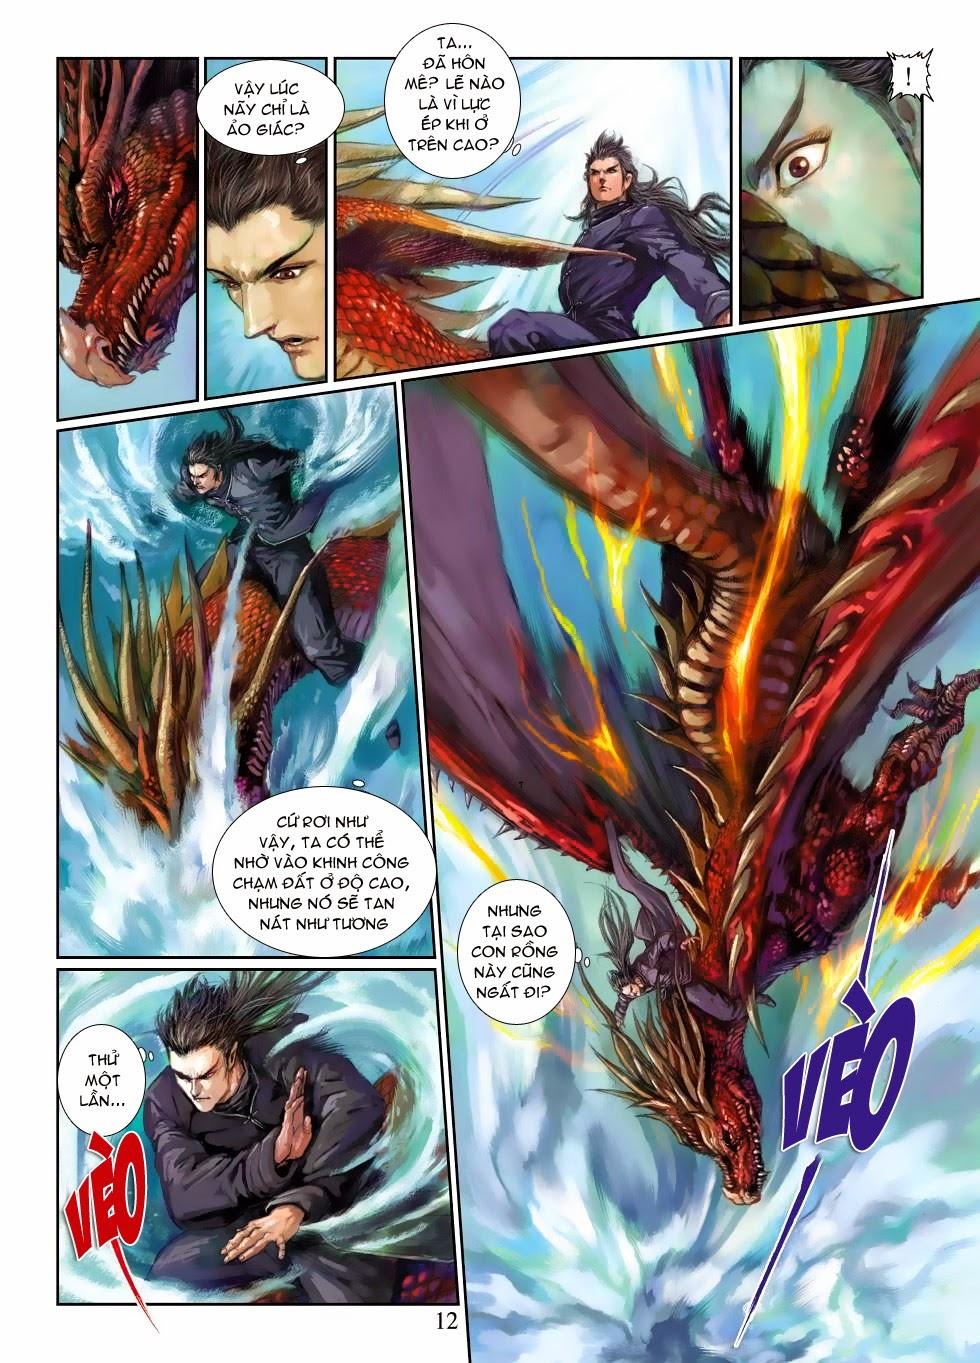 Thần Binh Tiền Truyện 4 - Huyền Thiên Tà Đế chap 3 - Trang 12